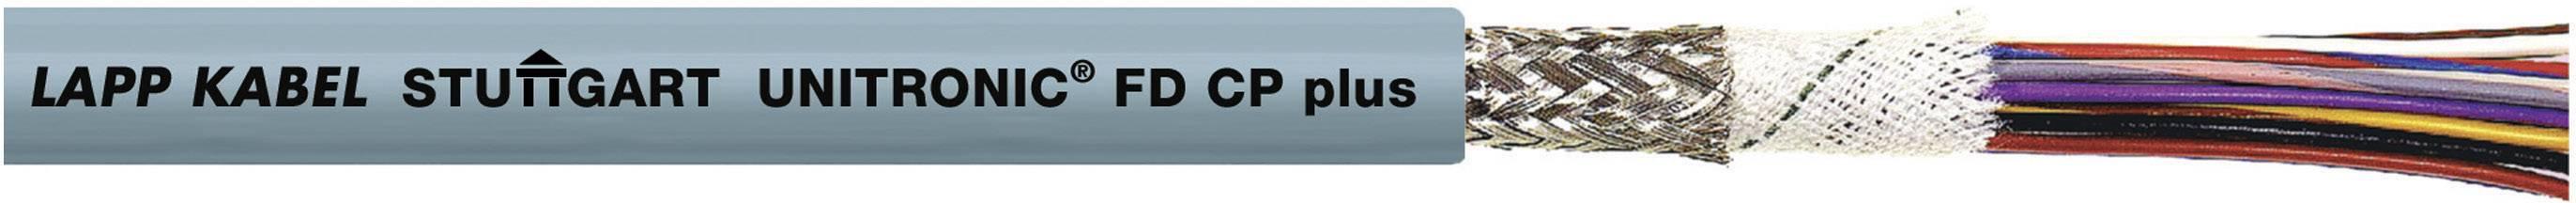 Datový kabel LappKabel UNITRONIC FD CP plus 7X0,25 (0028893), 7x 0,25 mm², Ø 7 mm, stíněný, 1 m, šedá